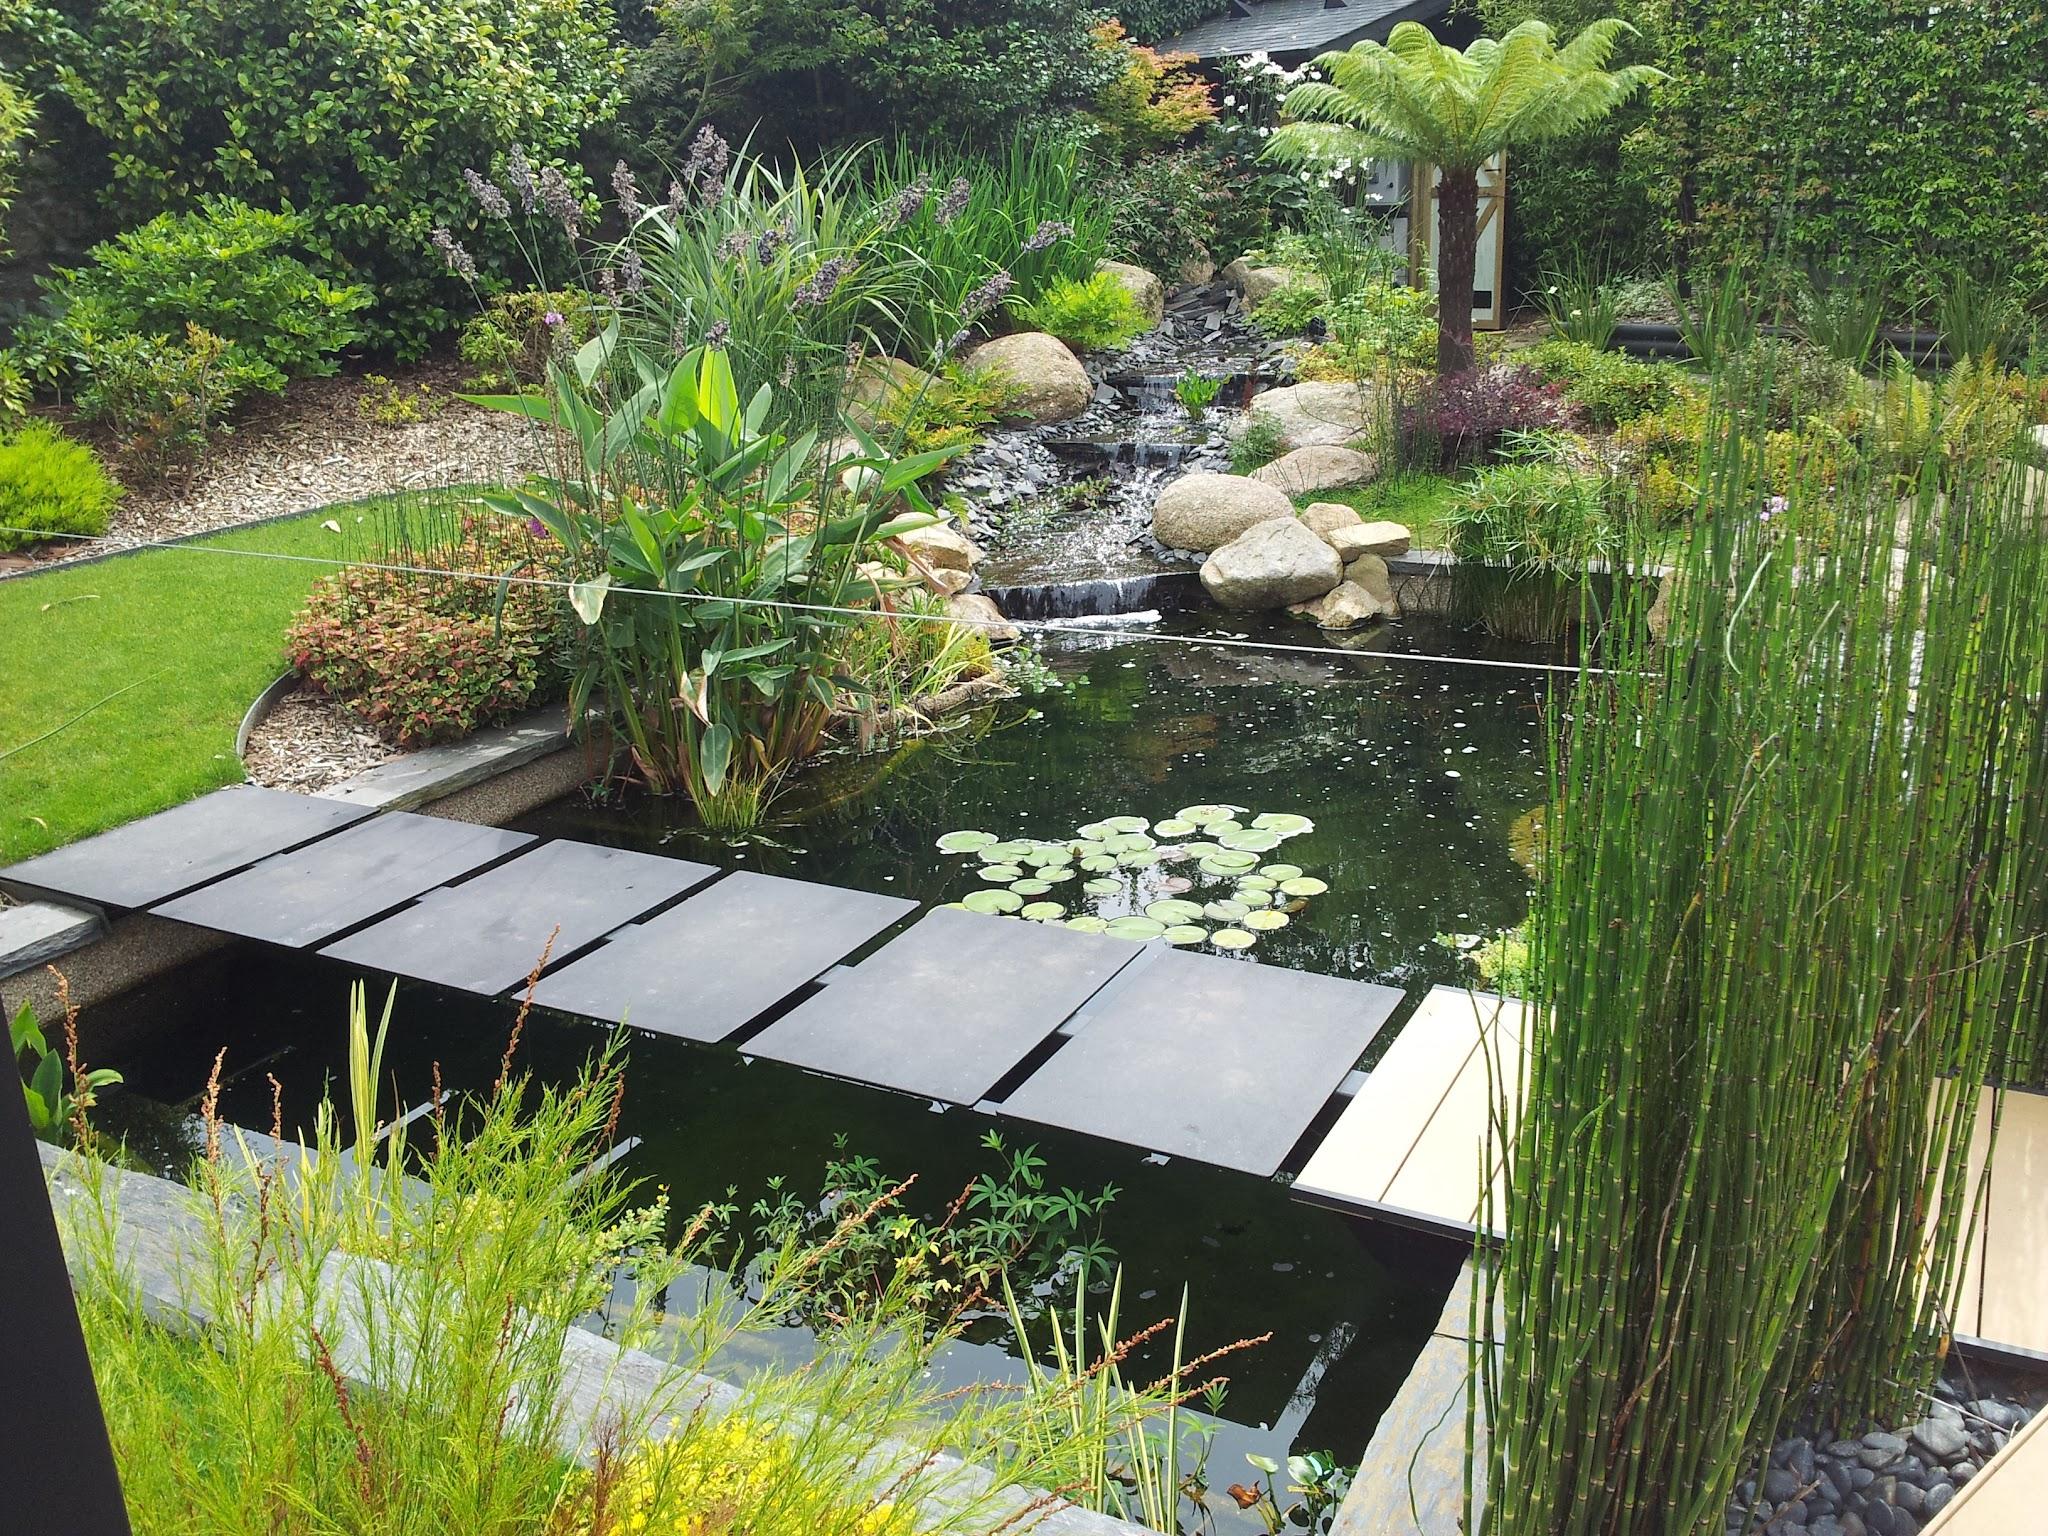 Comment Créer Son Bassin Aquatique ? - Botanica | Espaces ... concernant Entretien D Un Bassin De Jardin